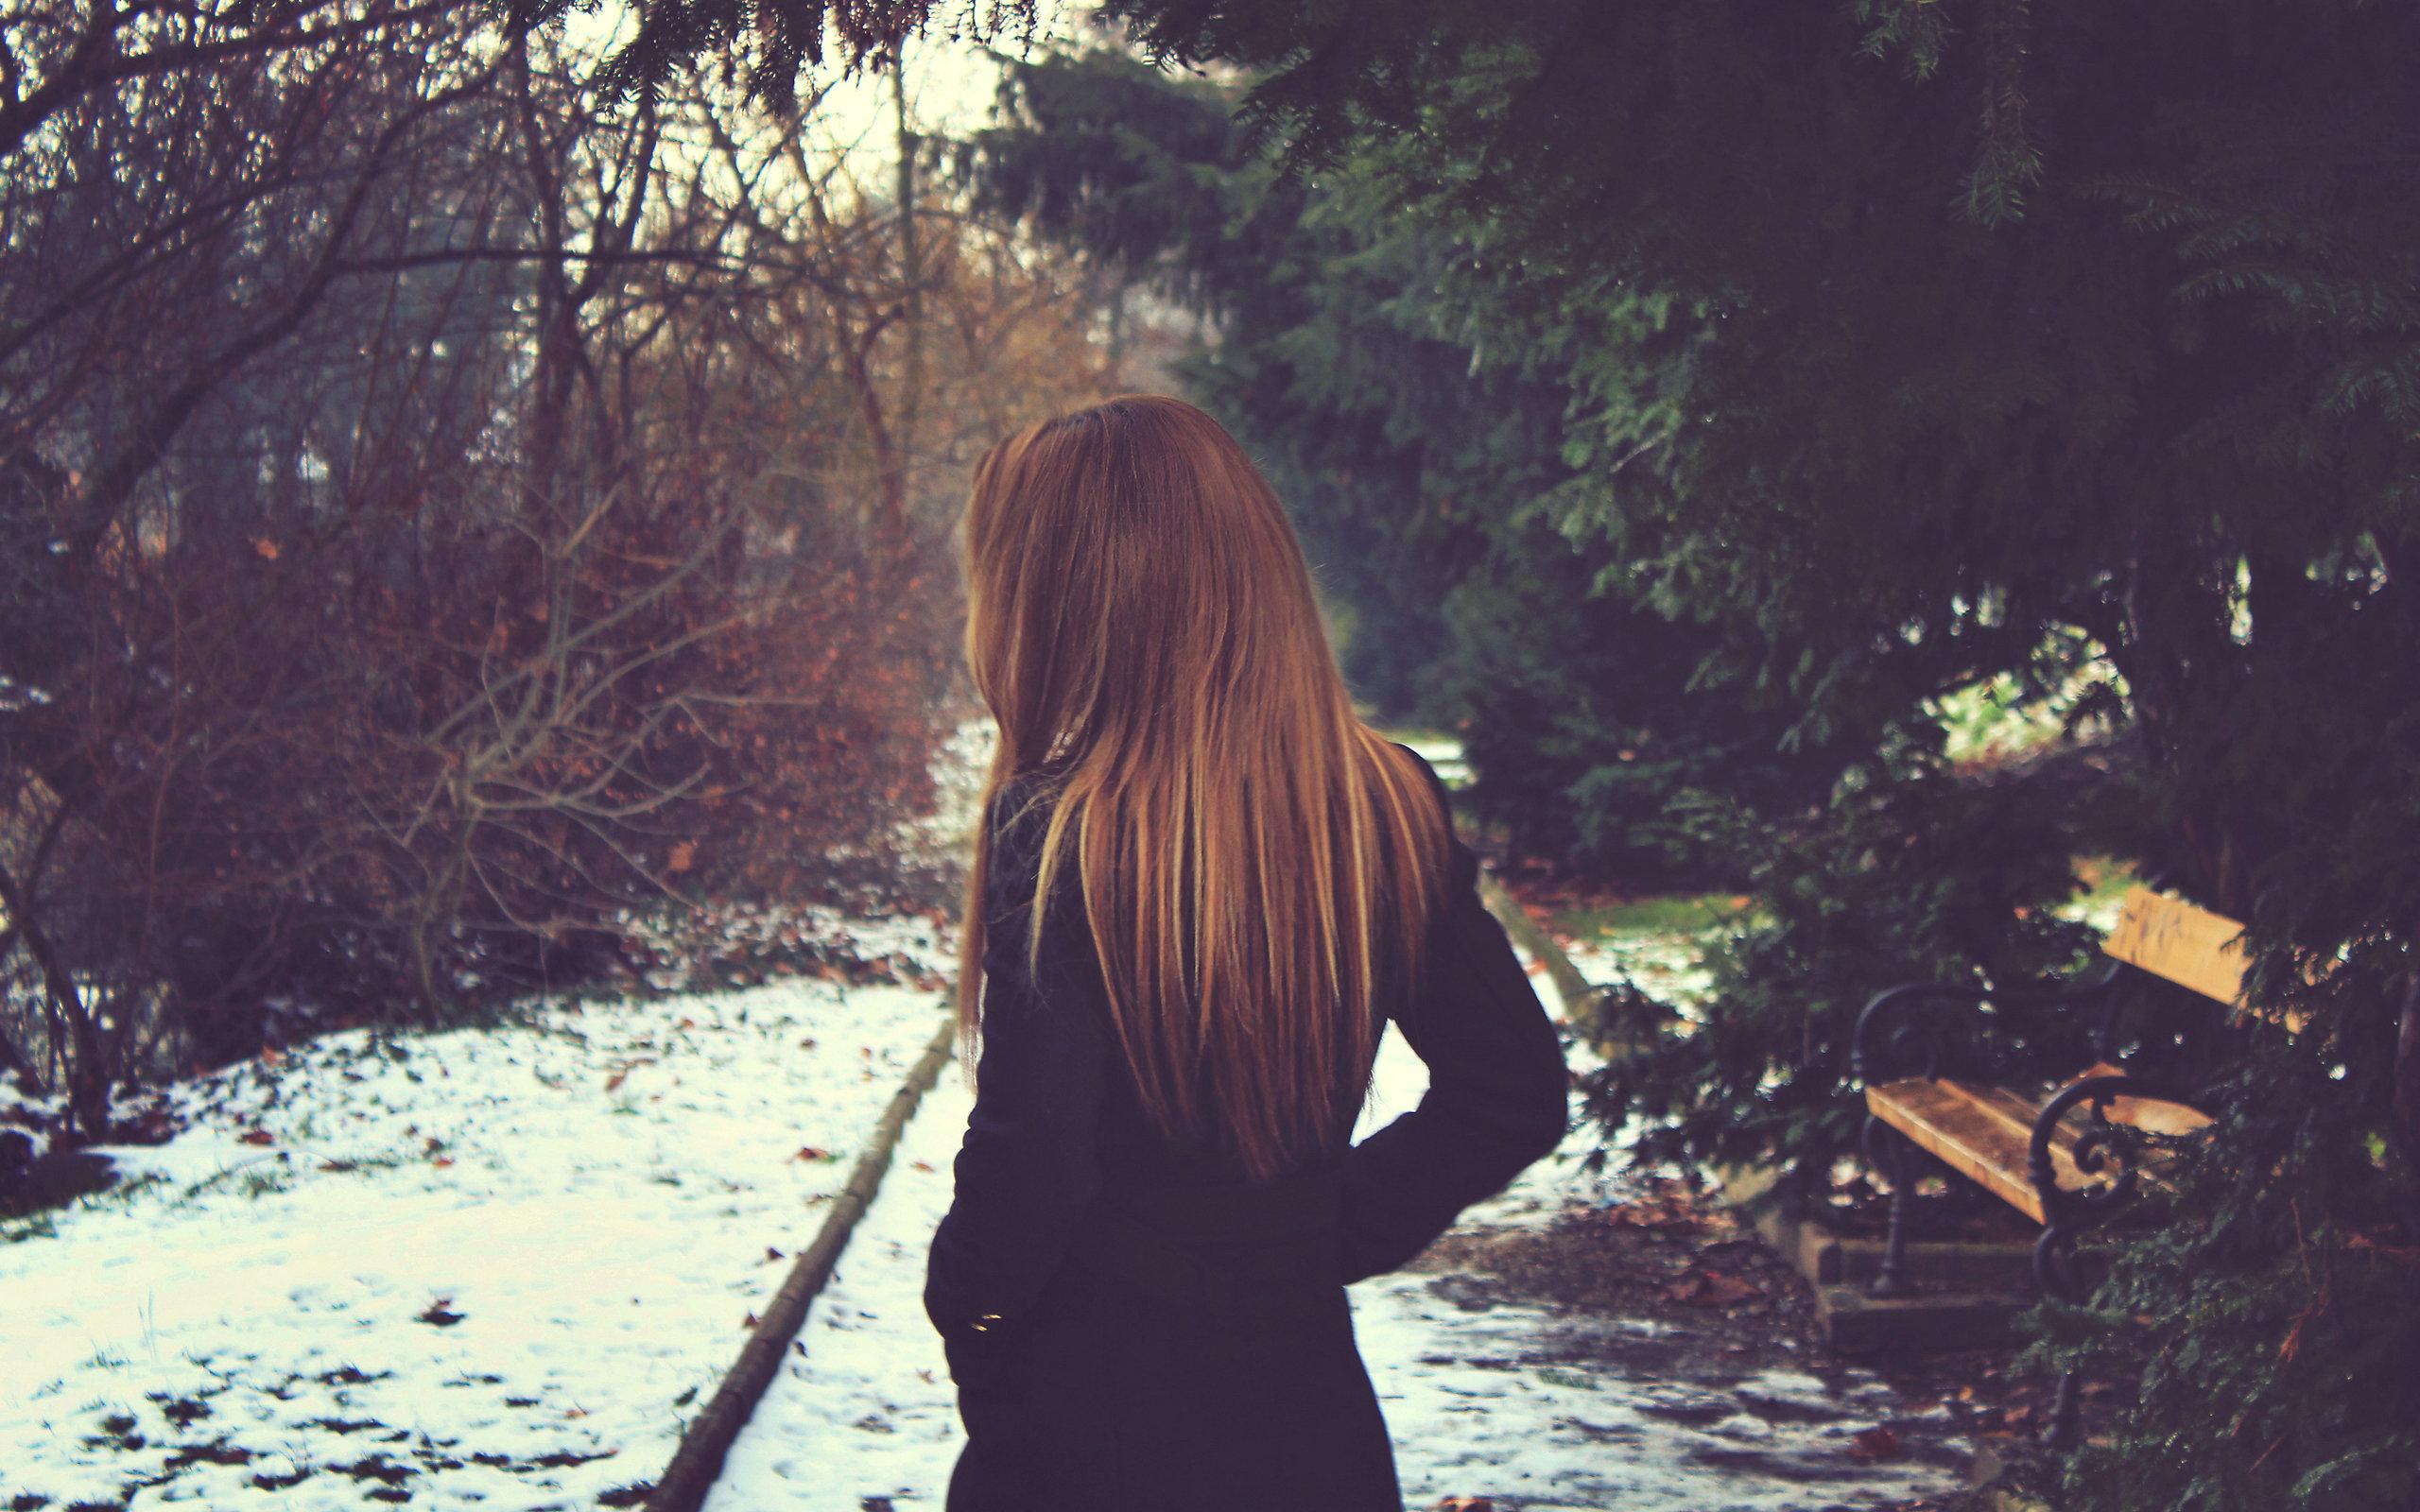 Ảnh tâm trạng cô đơn